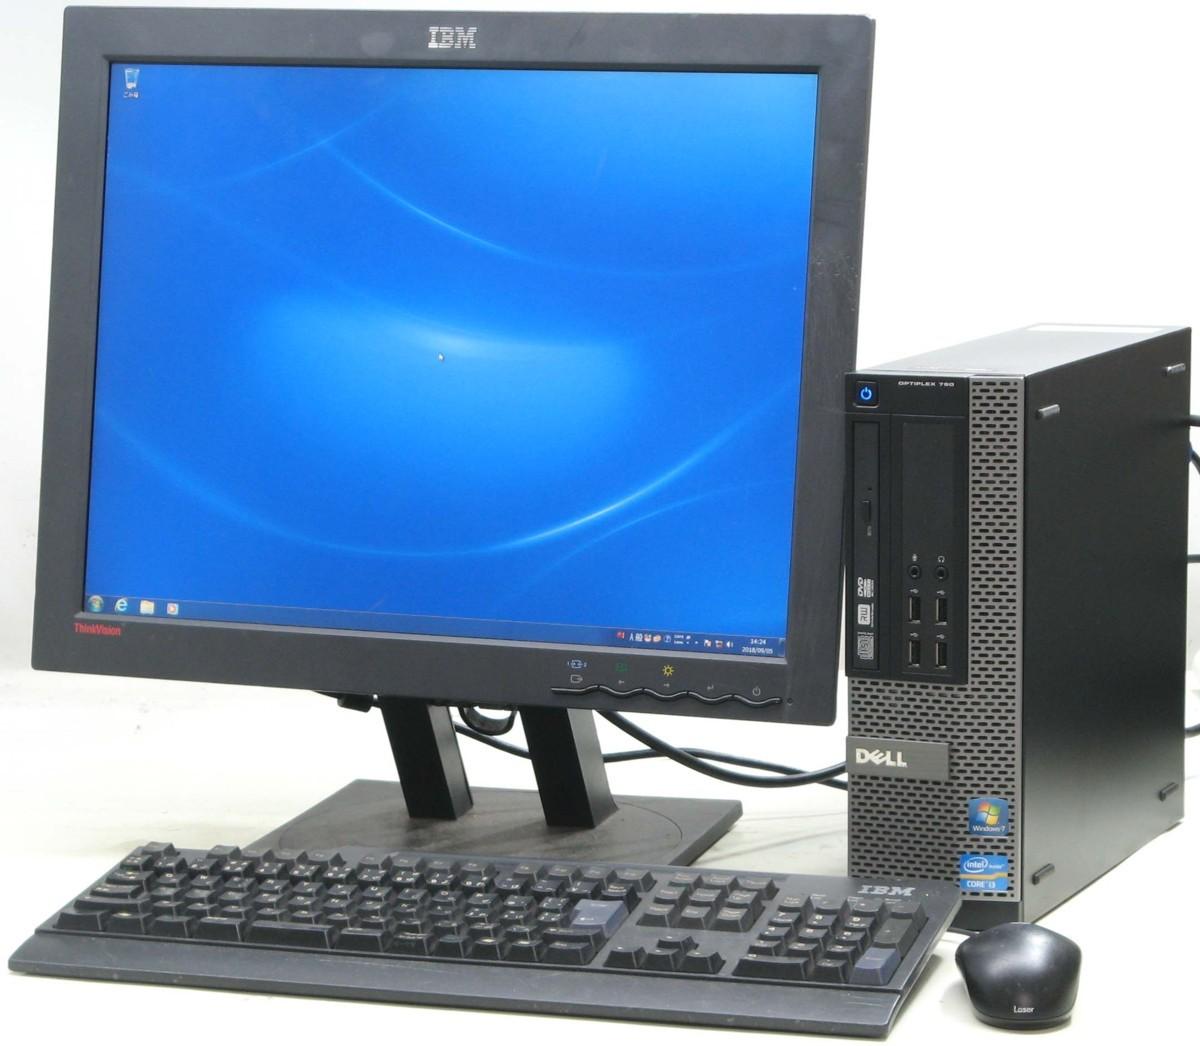 中古デスクトップパソコン DELL Optiplex 790-2120SF■20液晶セット(デル Windows7 Corei3 DVDスーパーマルチドライブ)【中古】【中古パソコン/中古PC】